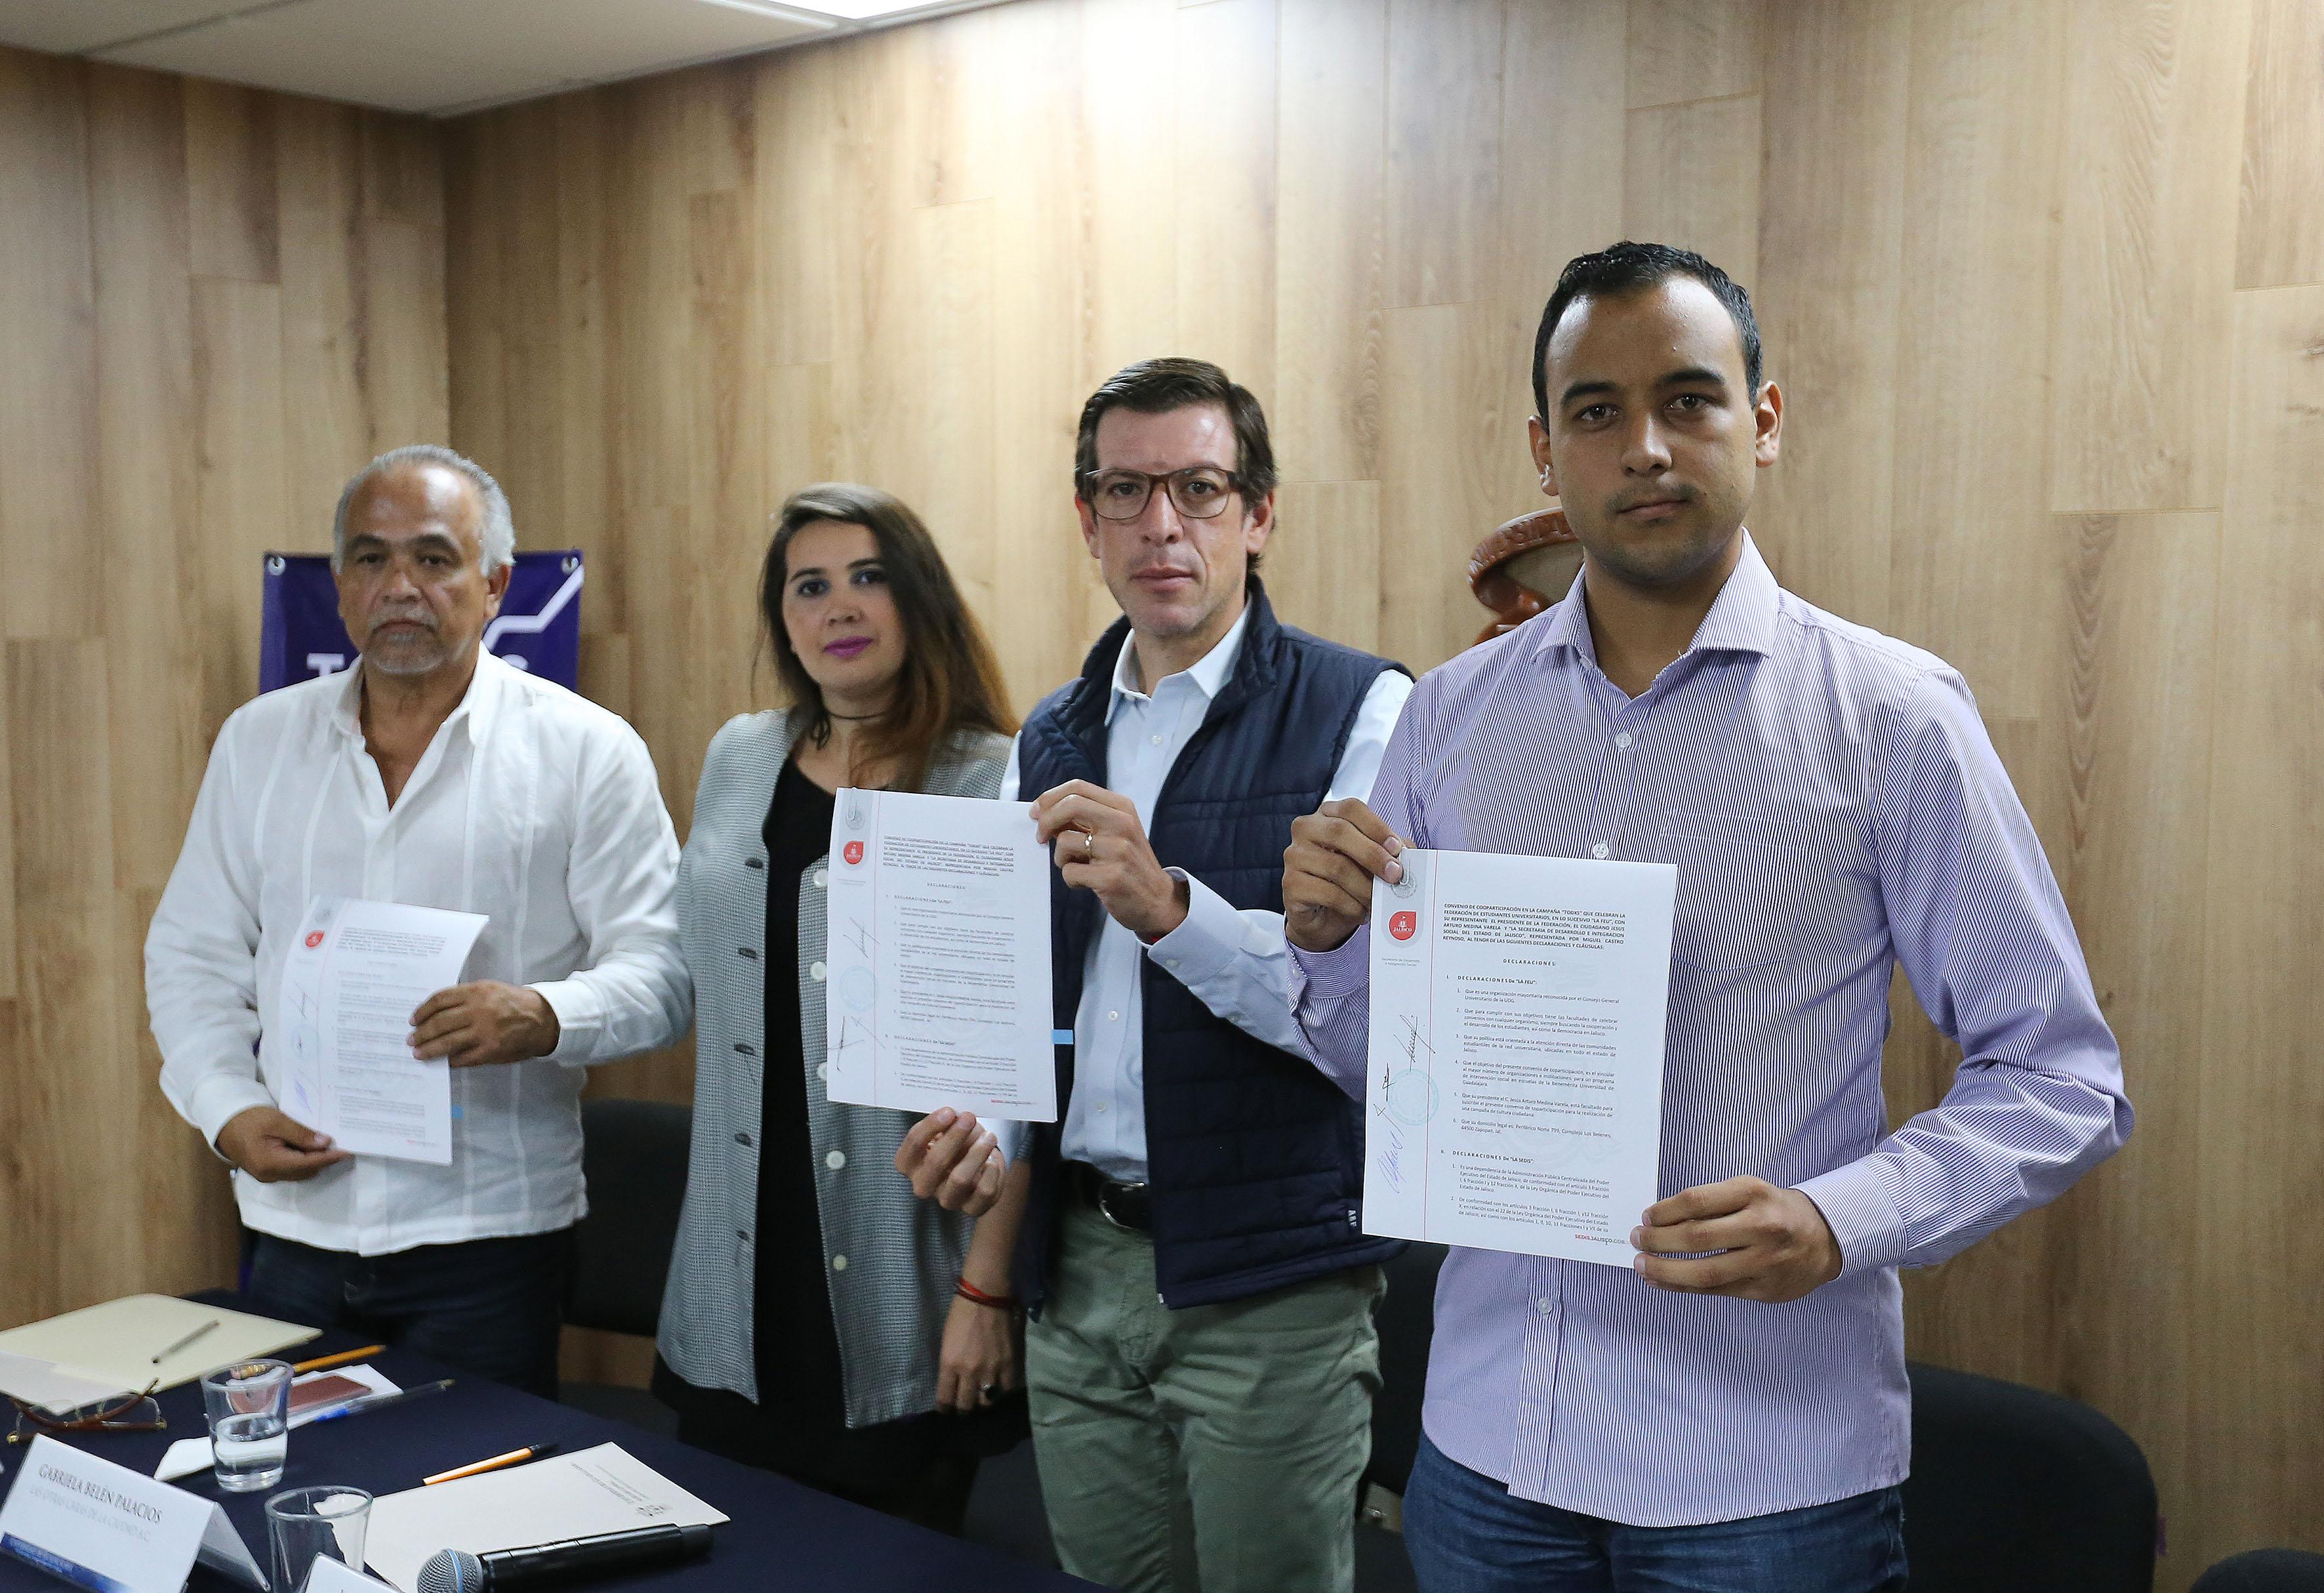 Titular de la FEU, Seguridad universitaria, Secretaría de Desarrollo e Integración Social y representante de la sociedad civil, mostrando convenio de colaboración, recién firmado.